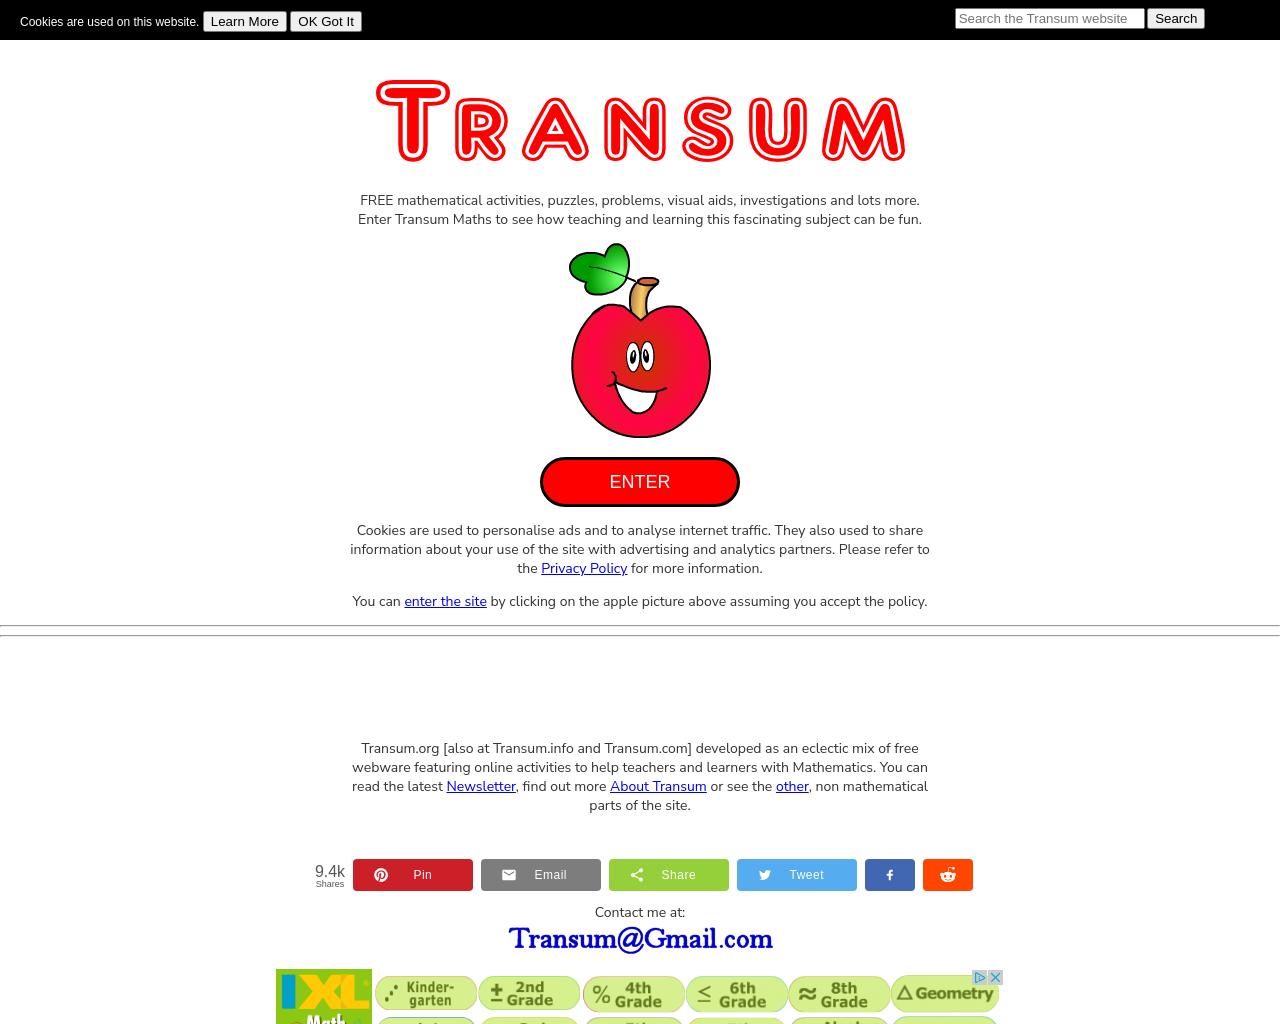 transum.org